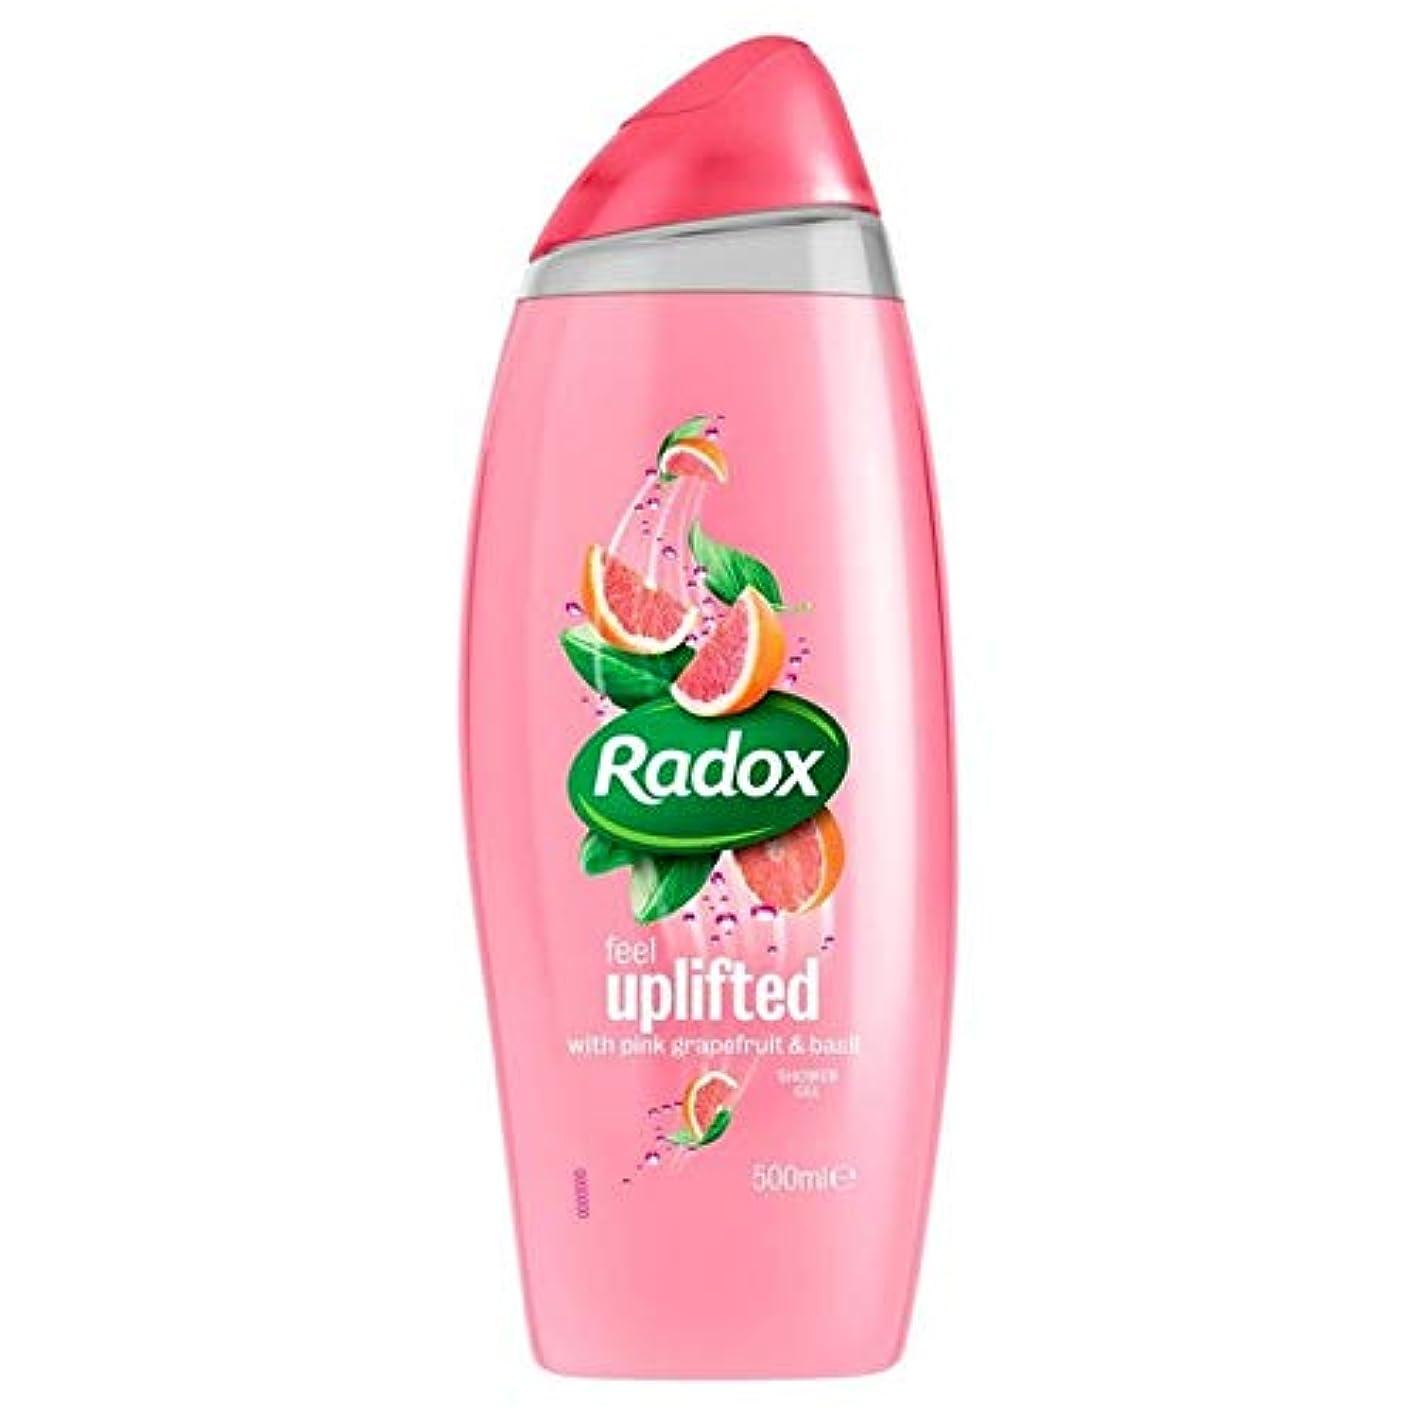 あらゆる種類の策定するめったに[Radox] Radox感隆起シャワージェル500ミリリットル - Radox Feel Uplifted Shower Gel 500ml [並行輸入品]